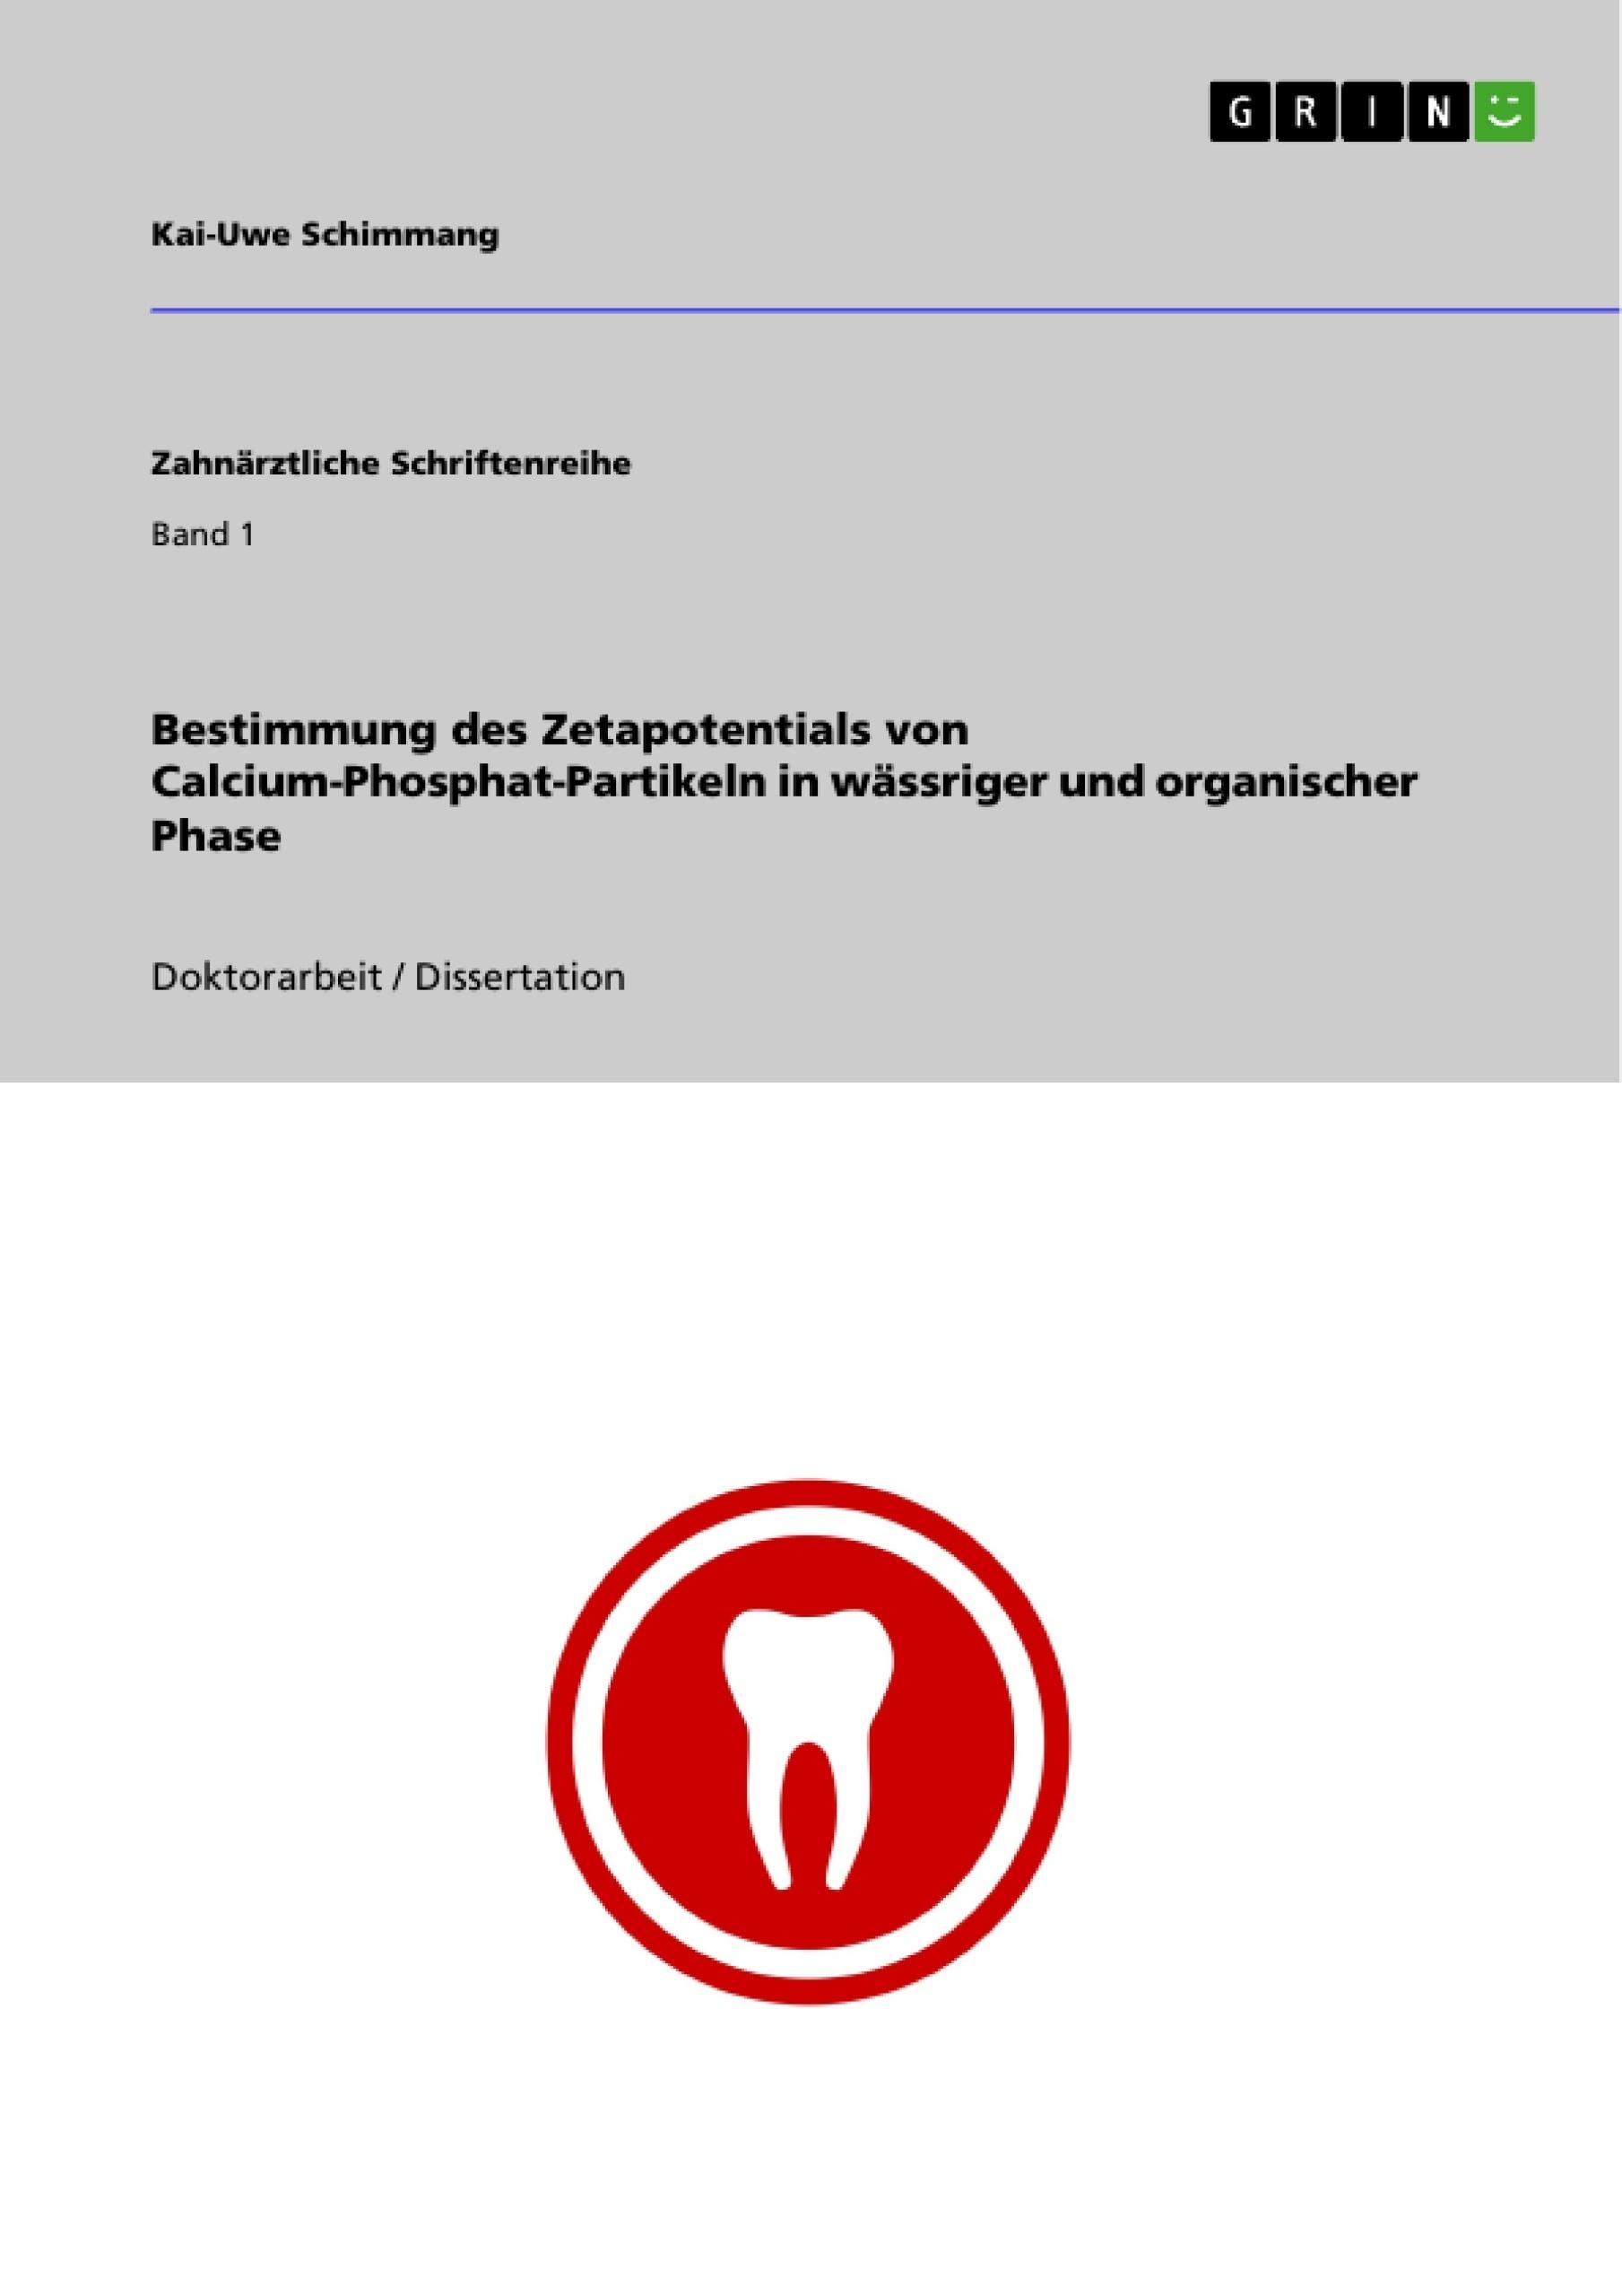 Titel: Bestimmung des Zetapotentials von Calcium-Phosphat-Partikeln in wässriger und organischer Phase